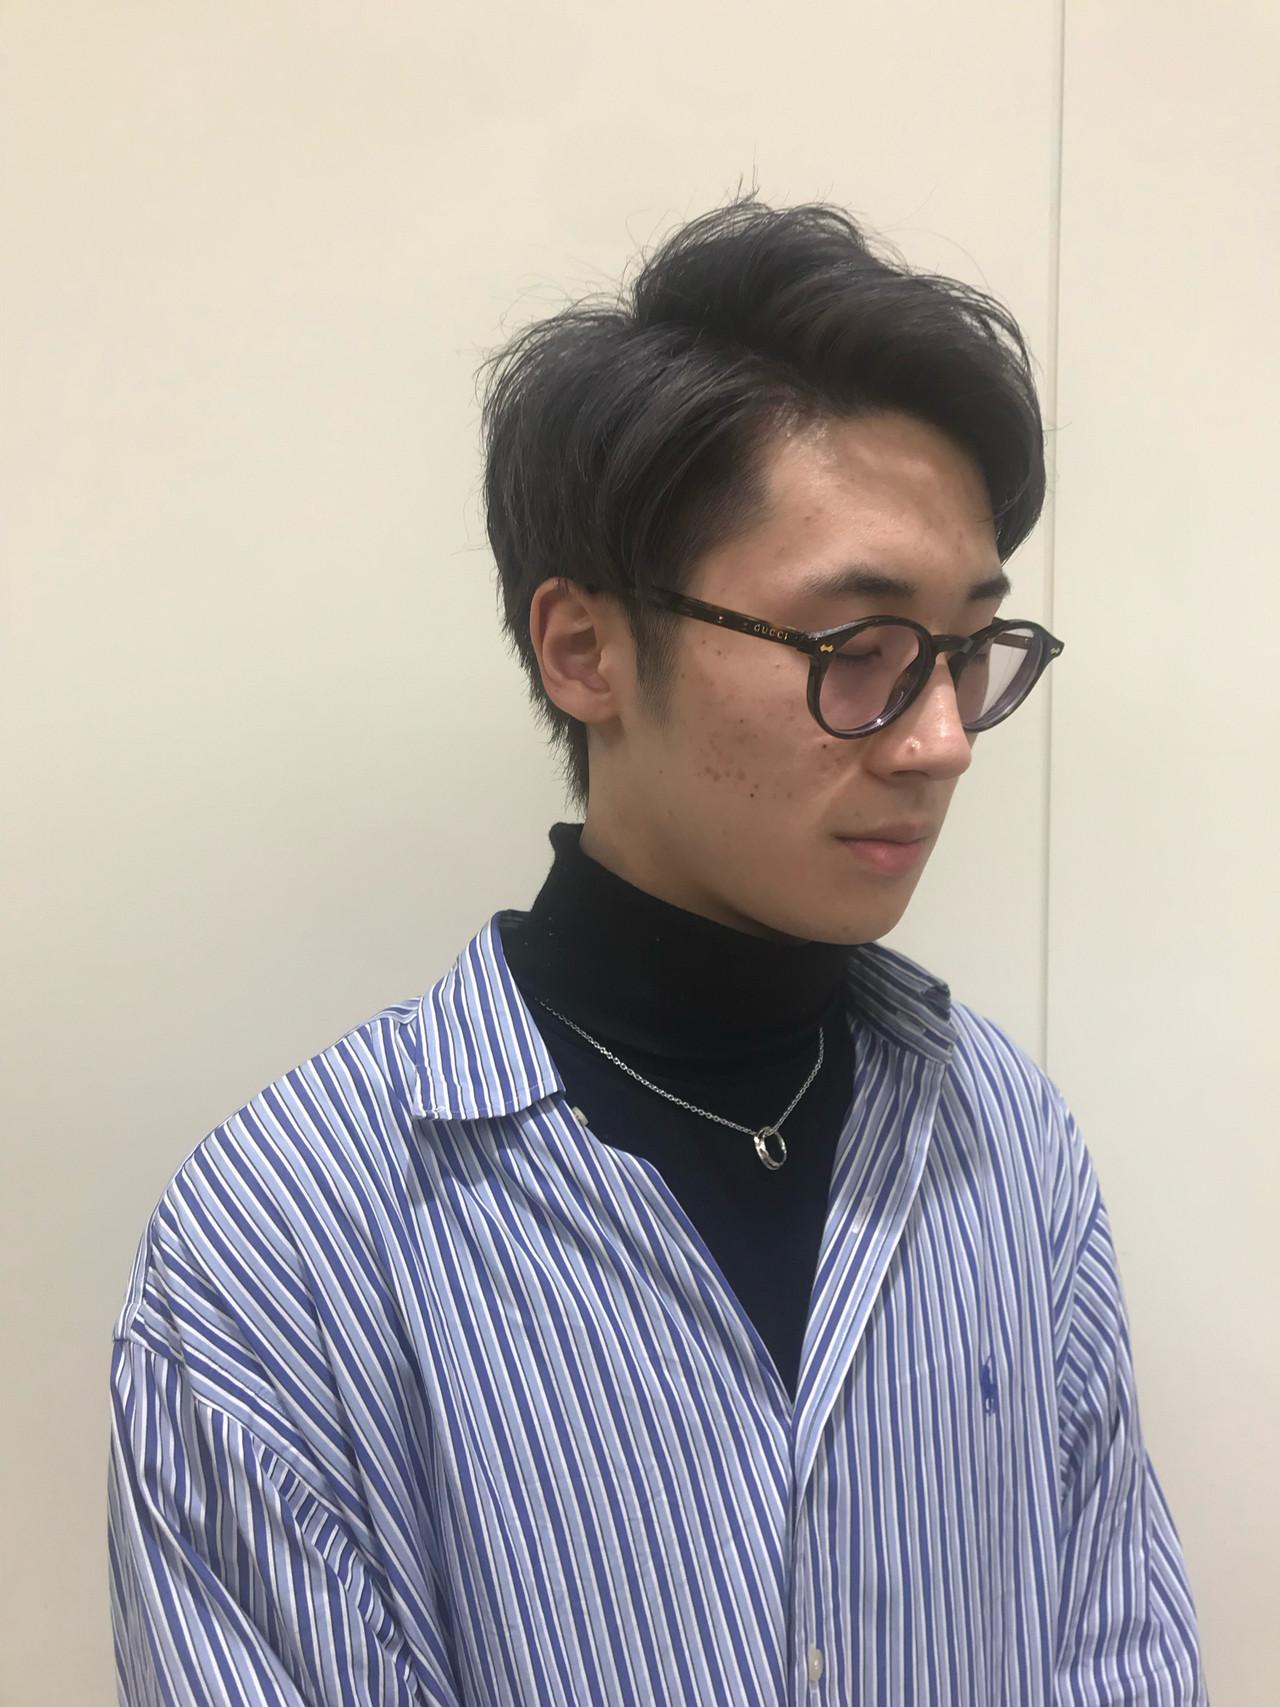 ショート アッシュ モード アッシュグレー ヘアスタイルや髪型の写真・画像 | かんべあやか / moriofromlondon  omiya